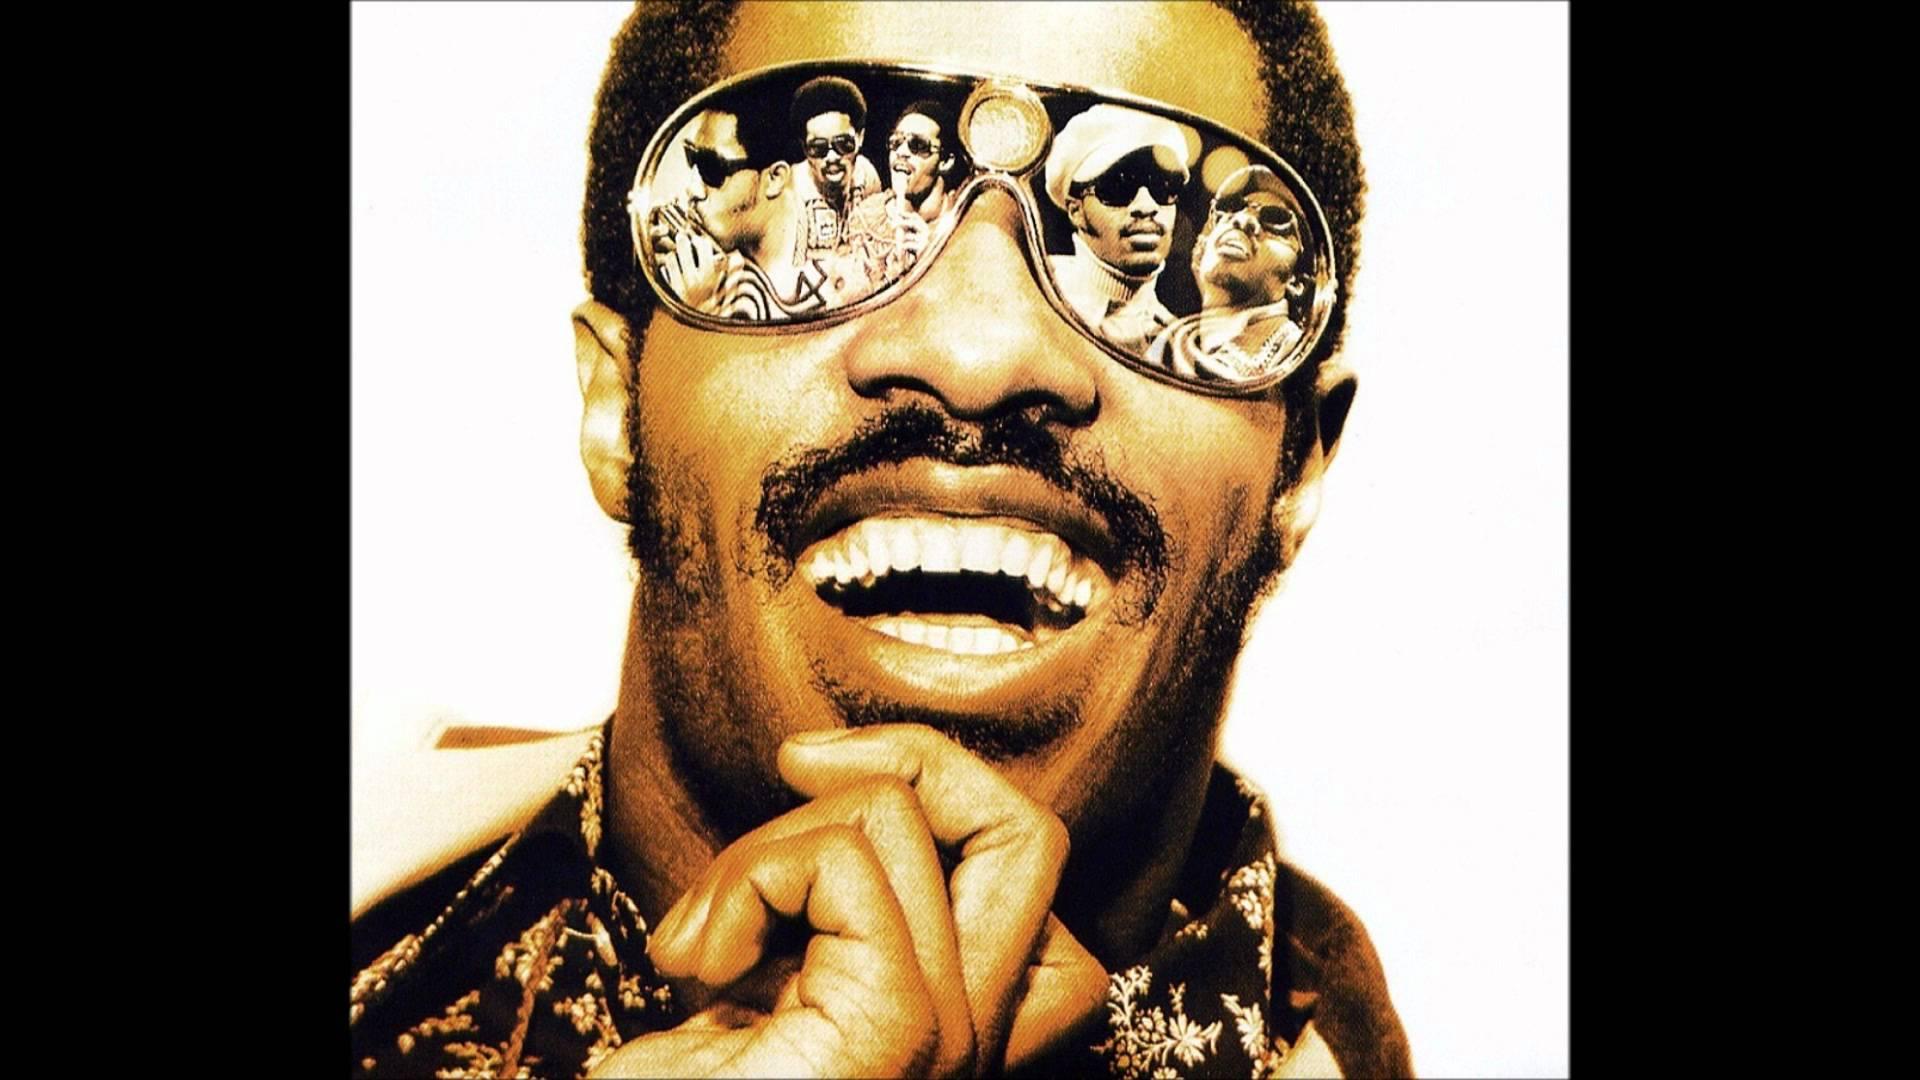 Stevie Wonder - Superstition (Spenca Remix) [HD]